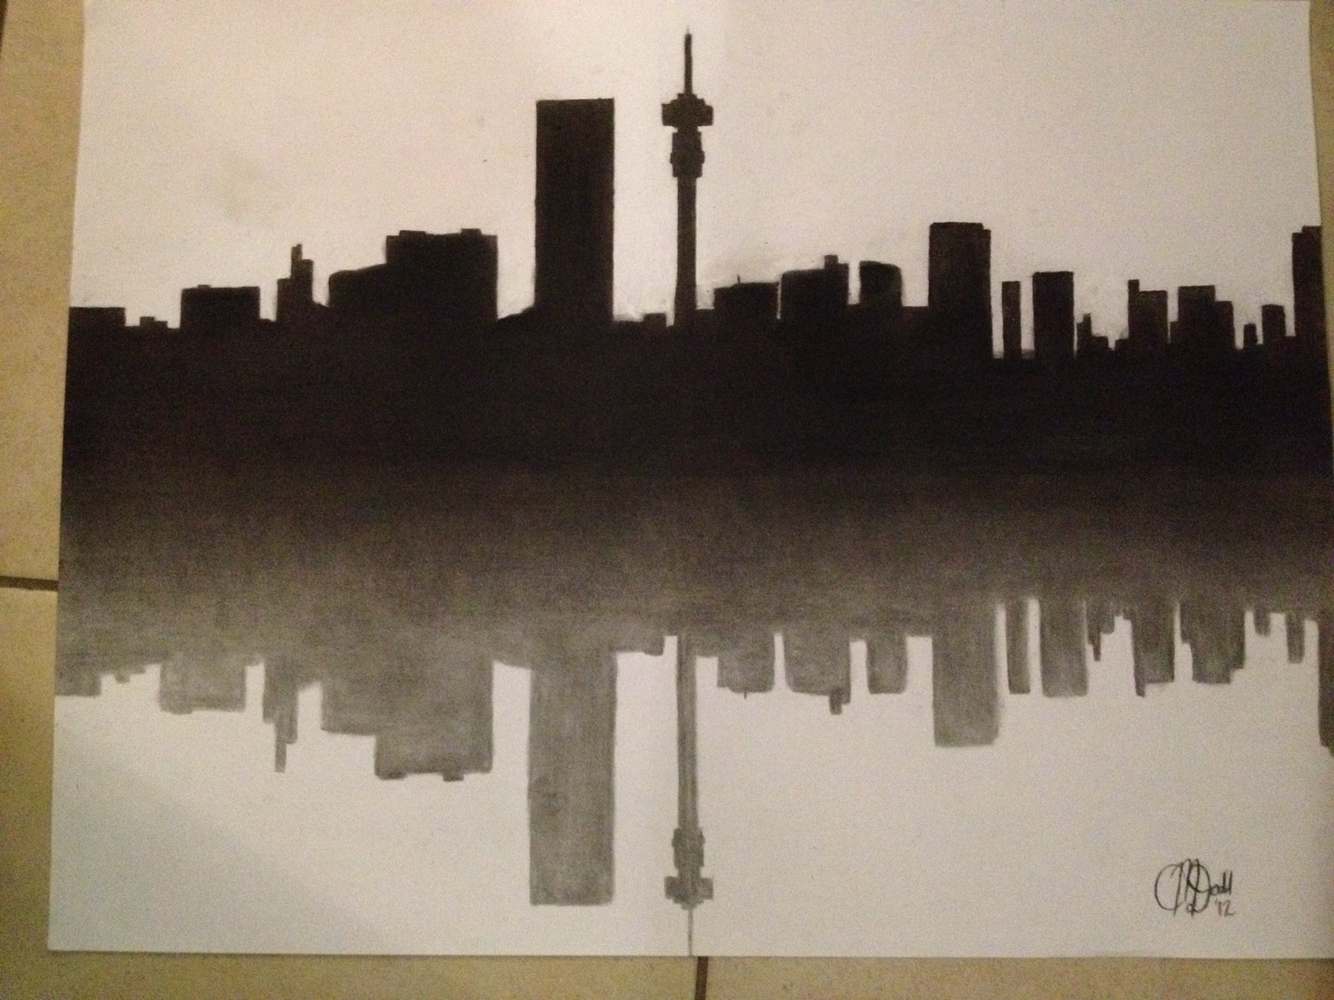 Drawn skyline pop art The skyline skyline of drawing